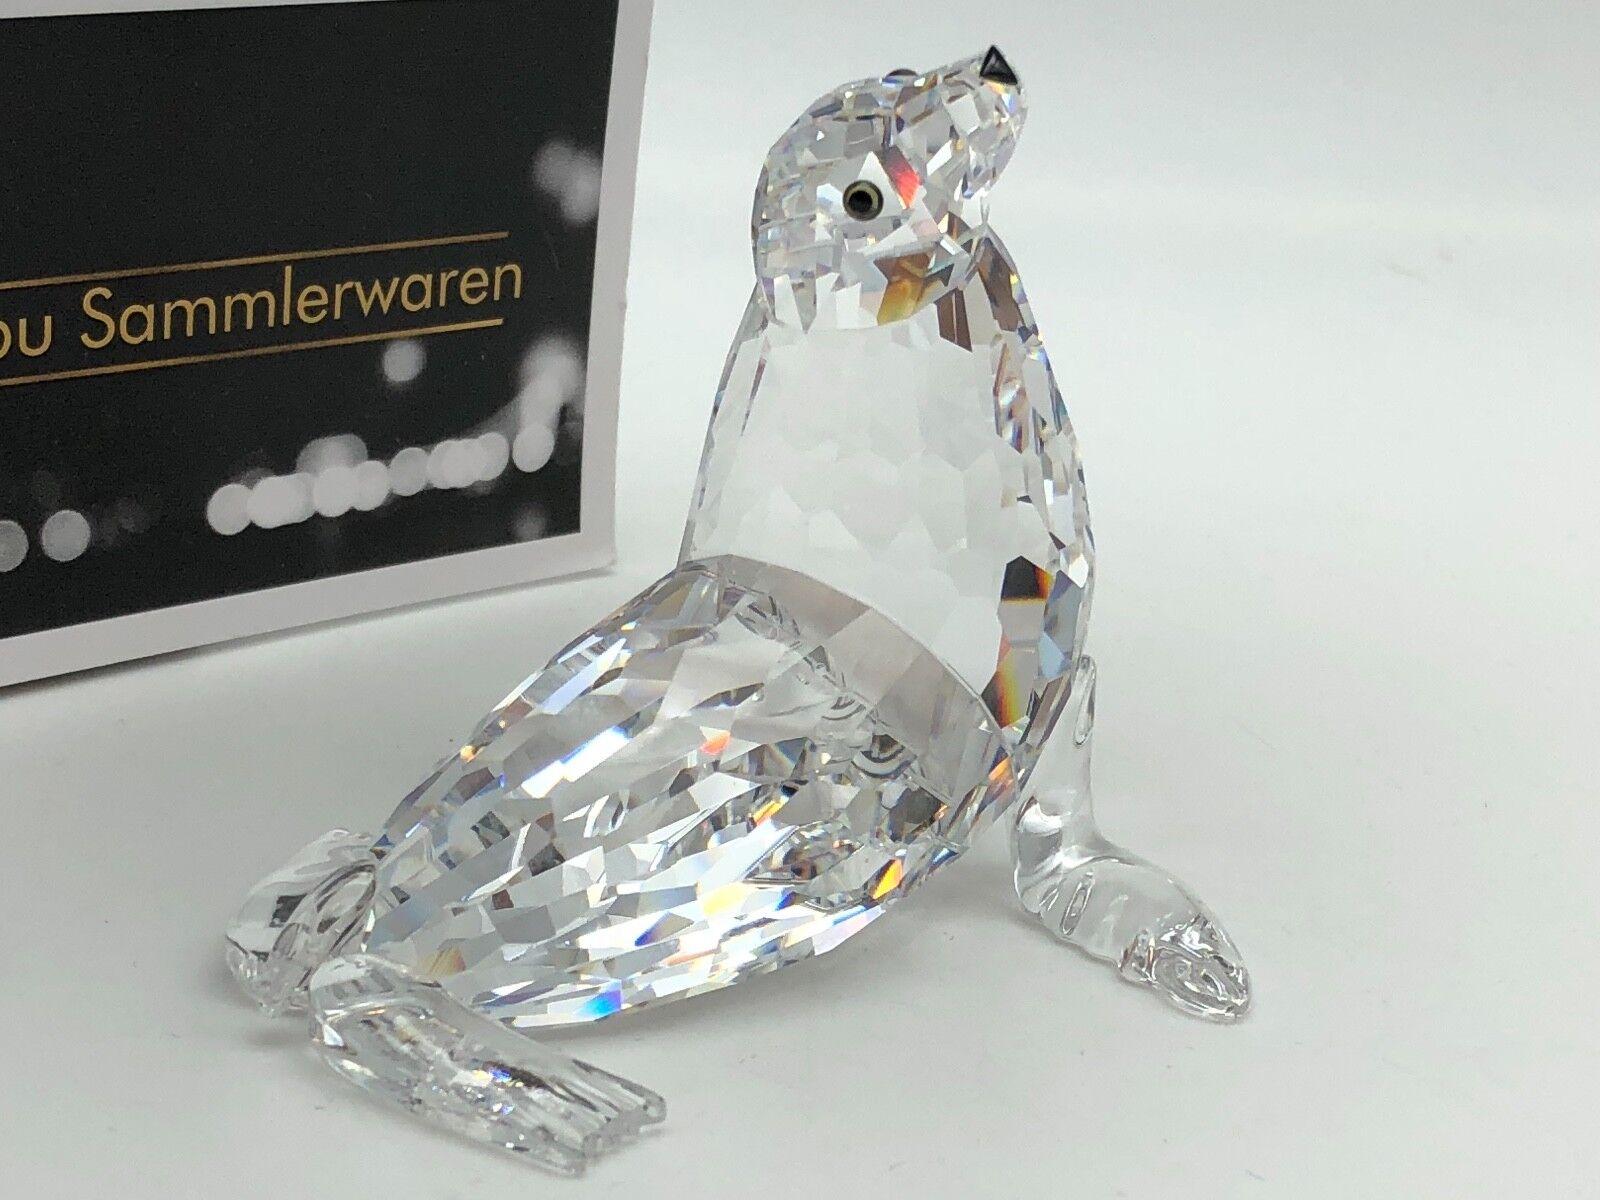 Swarovski personaje ⭐ ⭐ 679592 león marino 7 cm. ⭐ ⭐ top estado